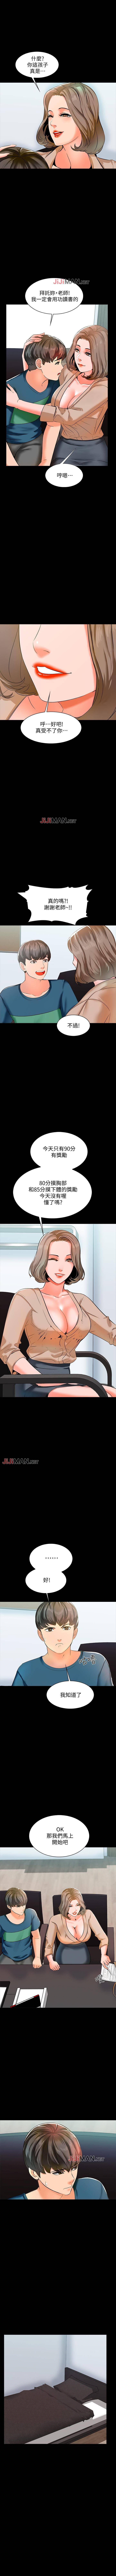 【周一连载】家教老师(作者: CreamMedia) 第1~43话 55